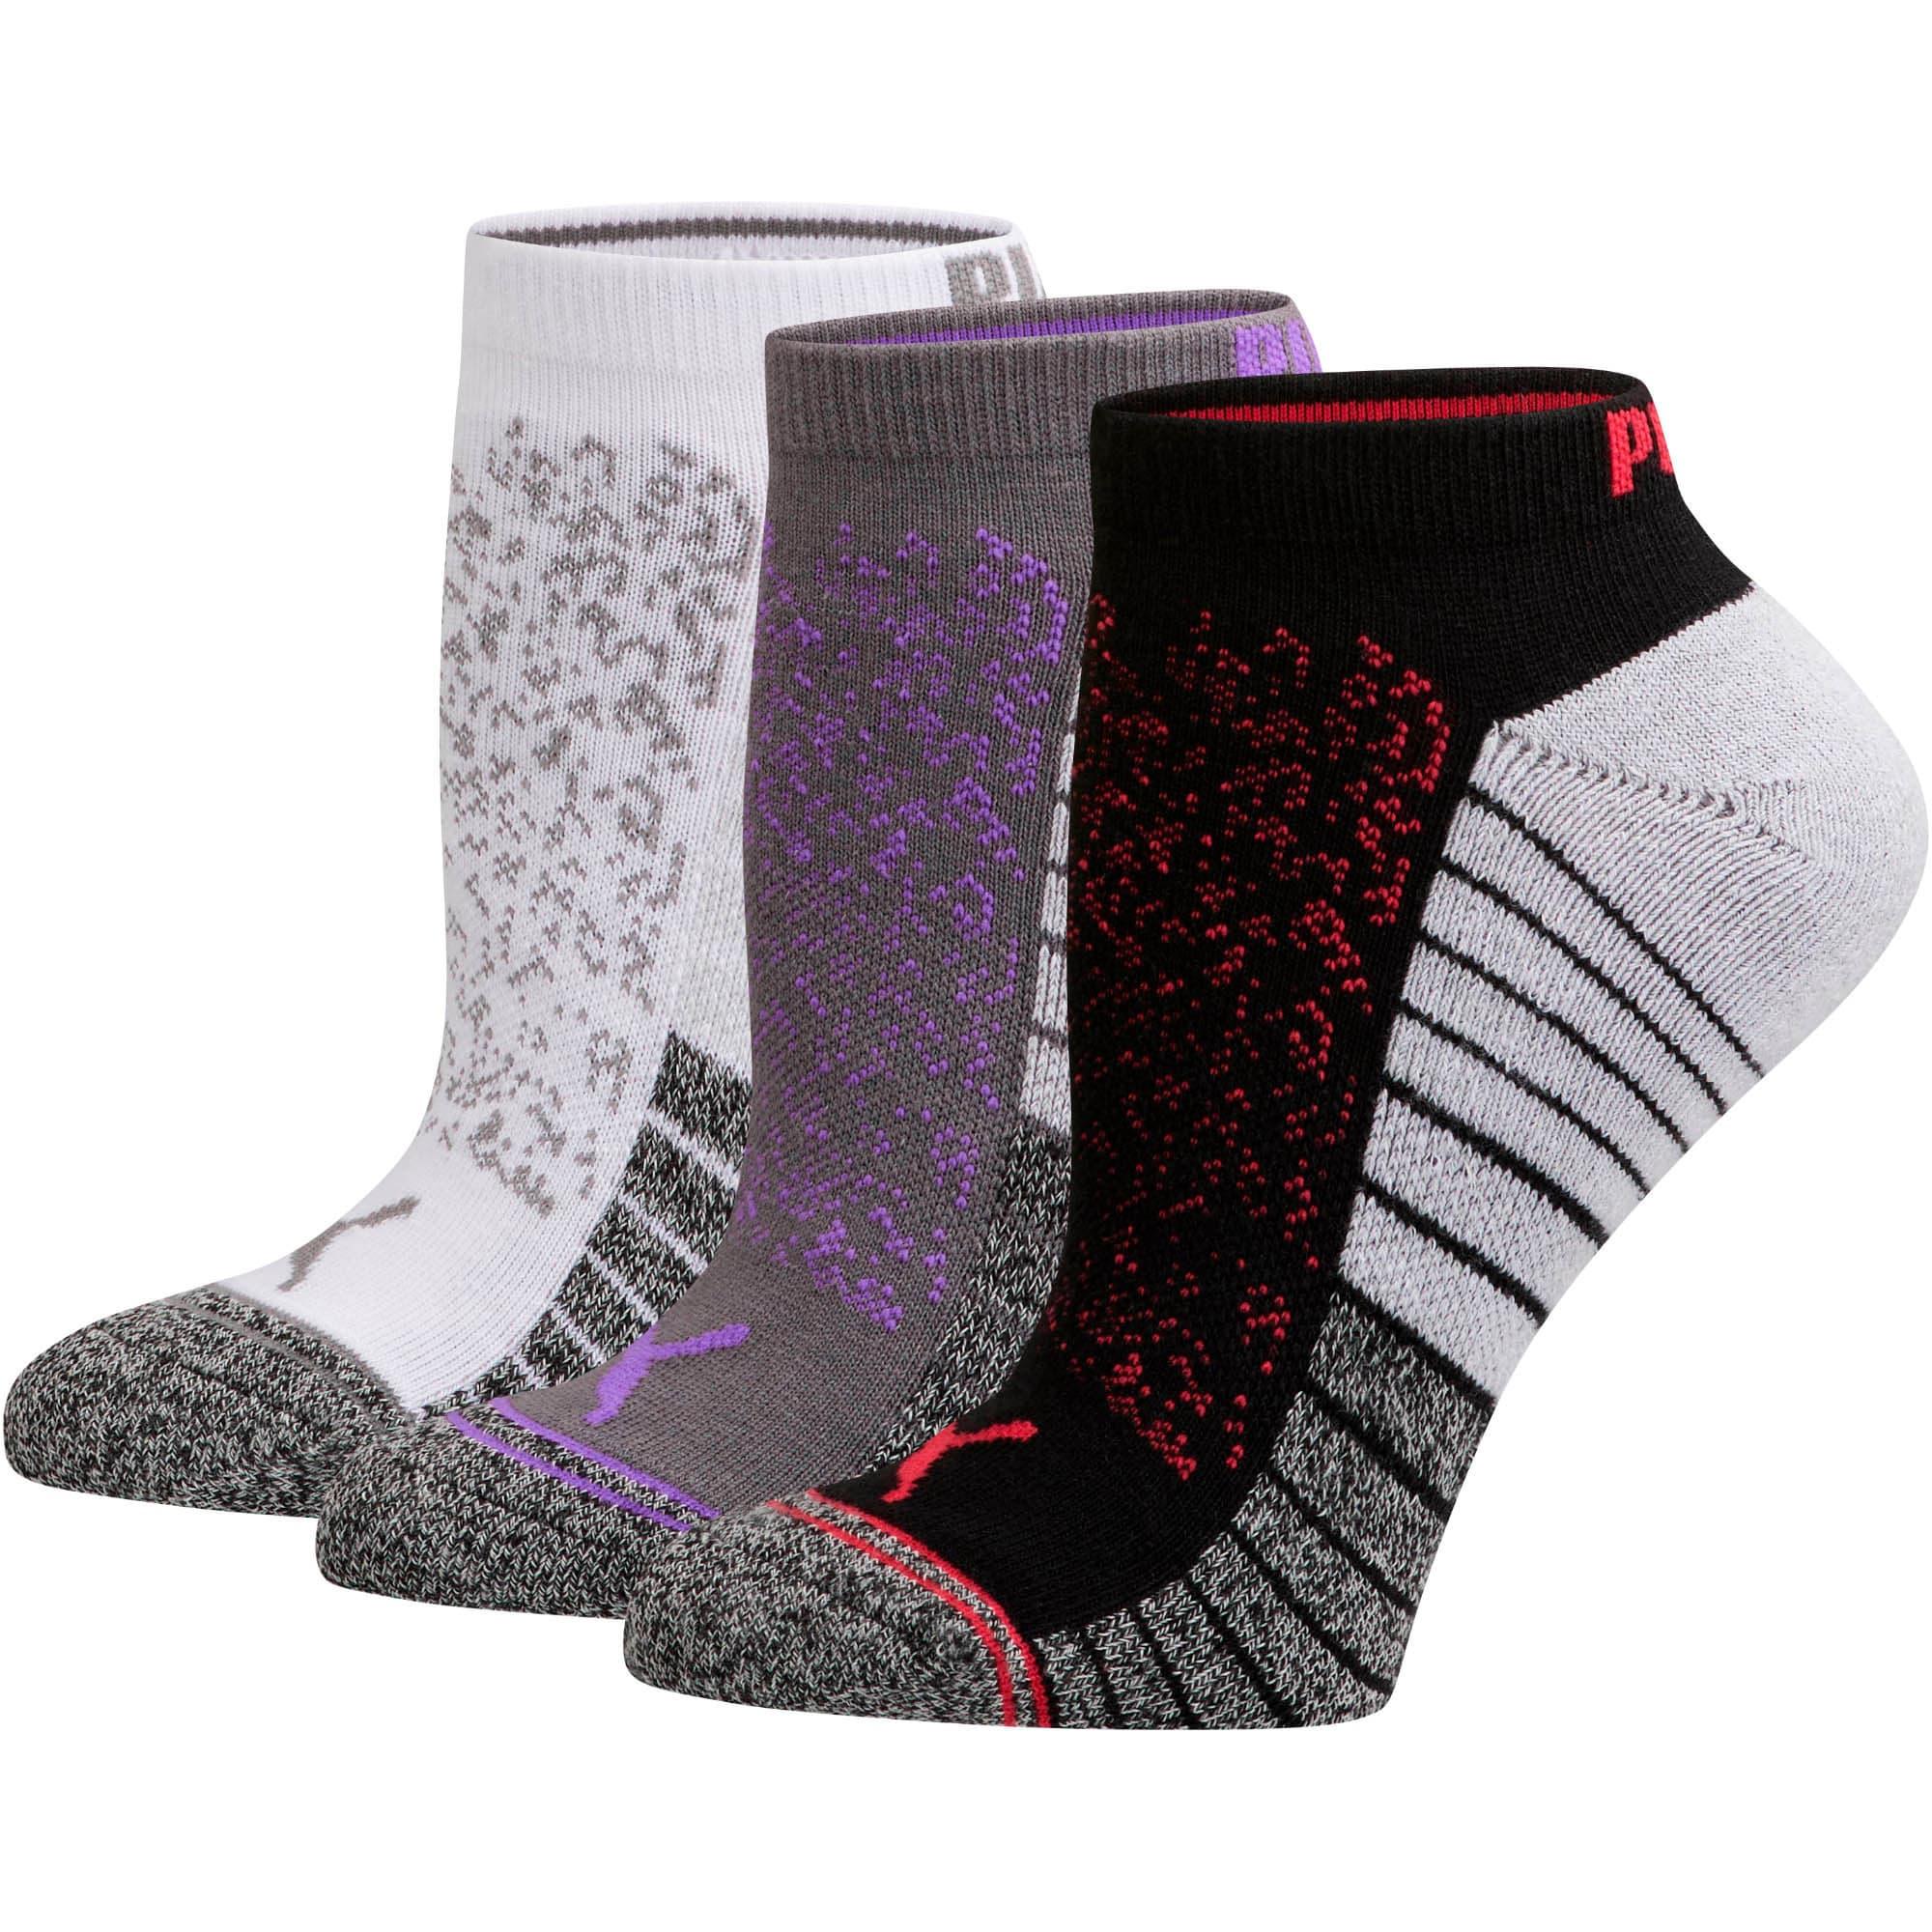 Thumbnail 1 of Women's Low Cut Socks [3 Pack], DARK GREY, medium